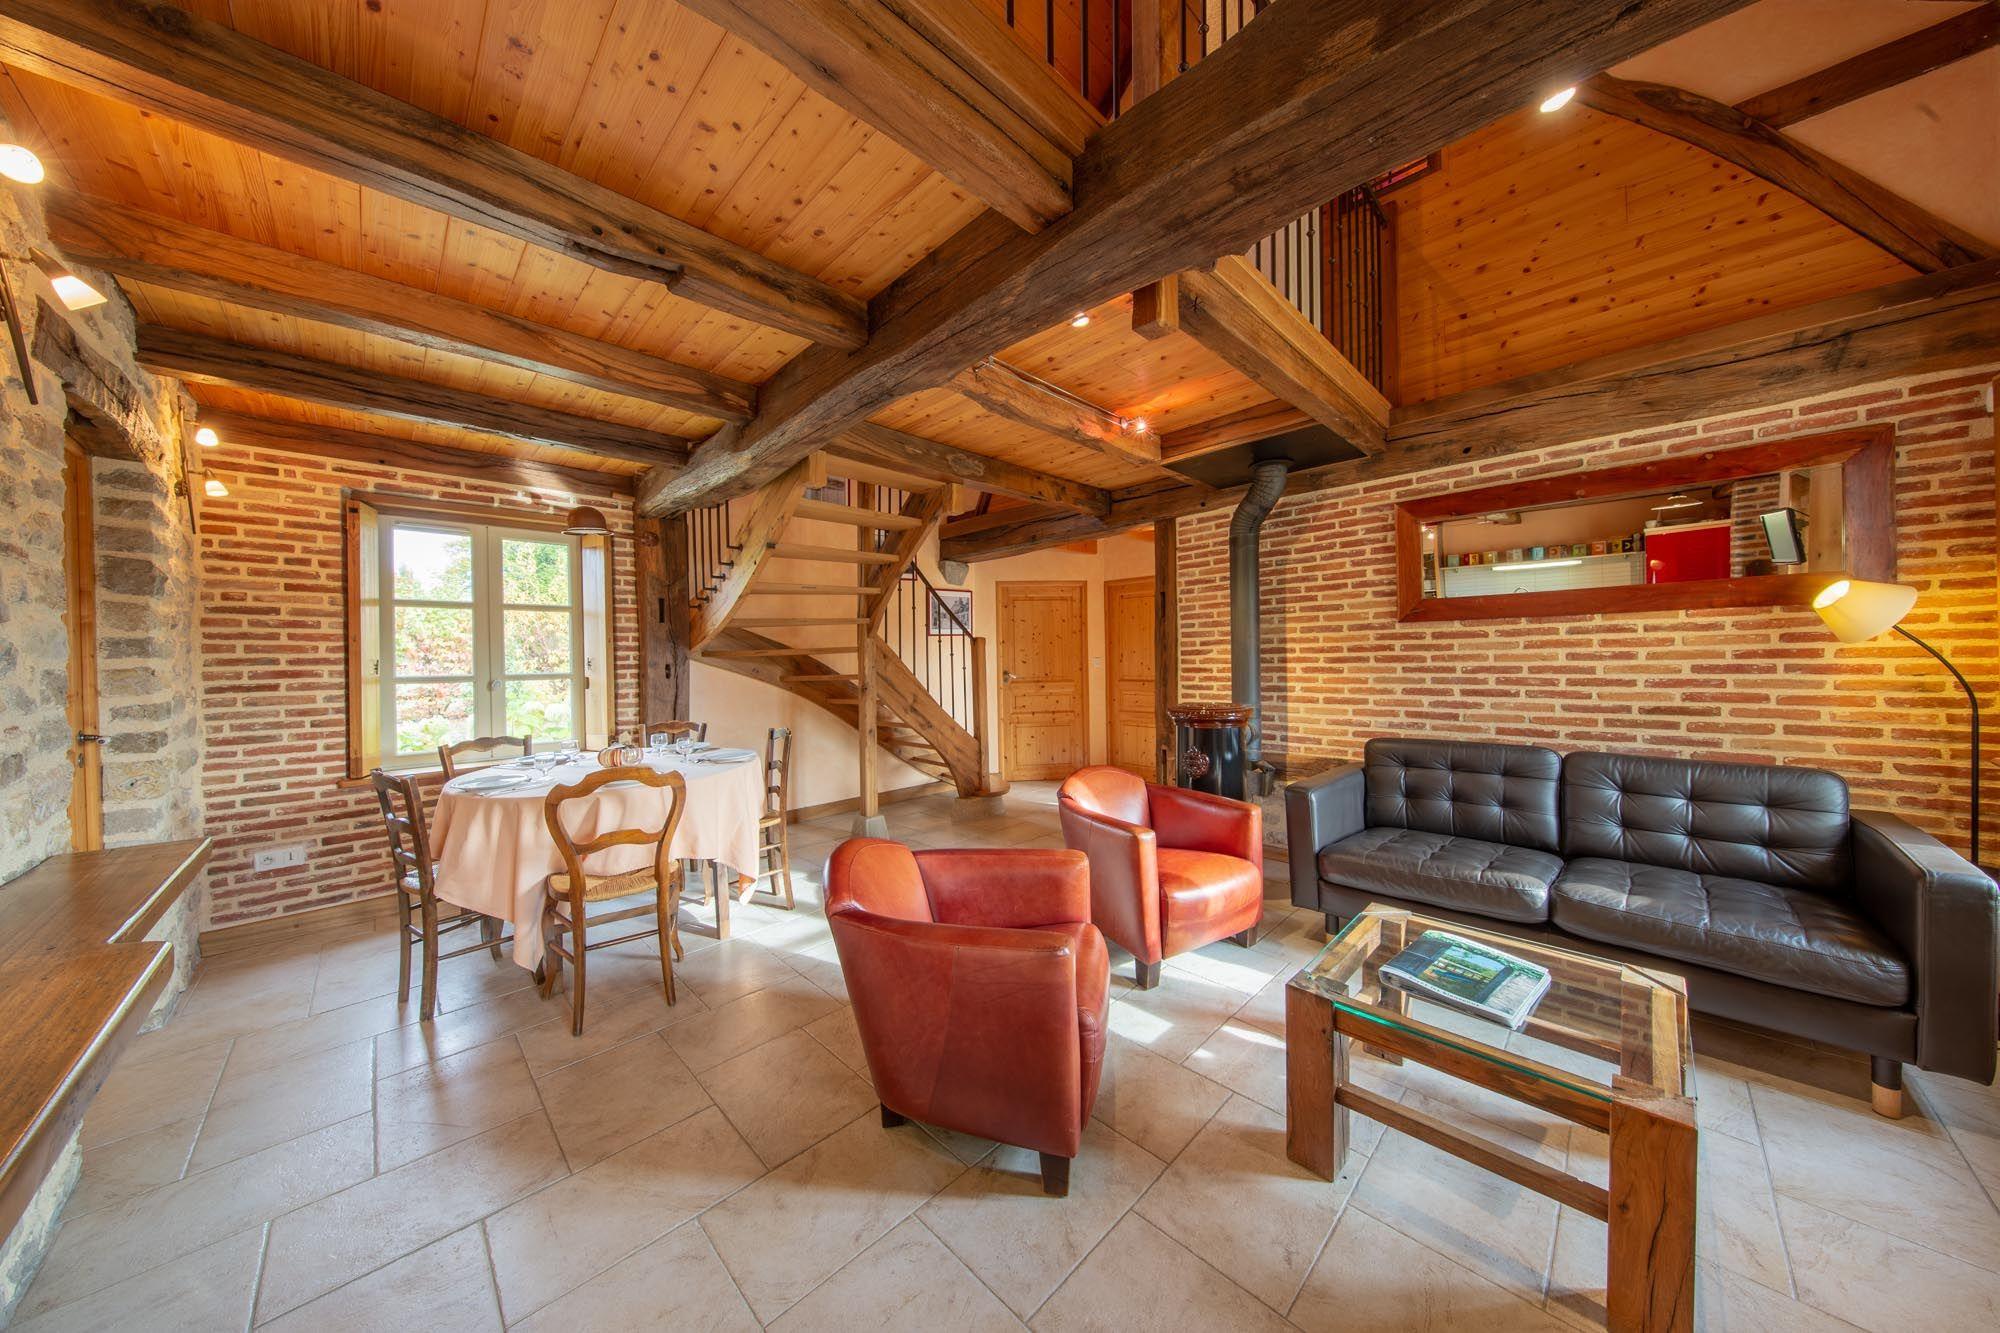 La pièce de vie du gite, avec son coin salon et salle à manger (25m2)